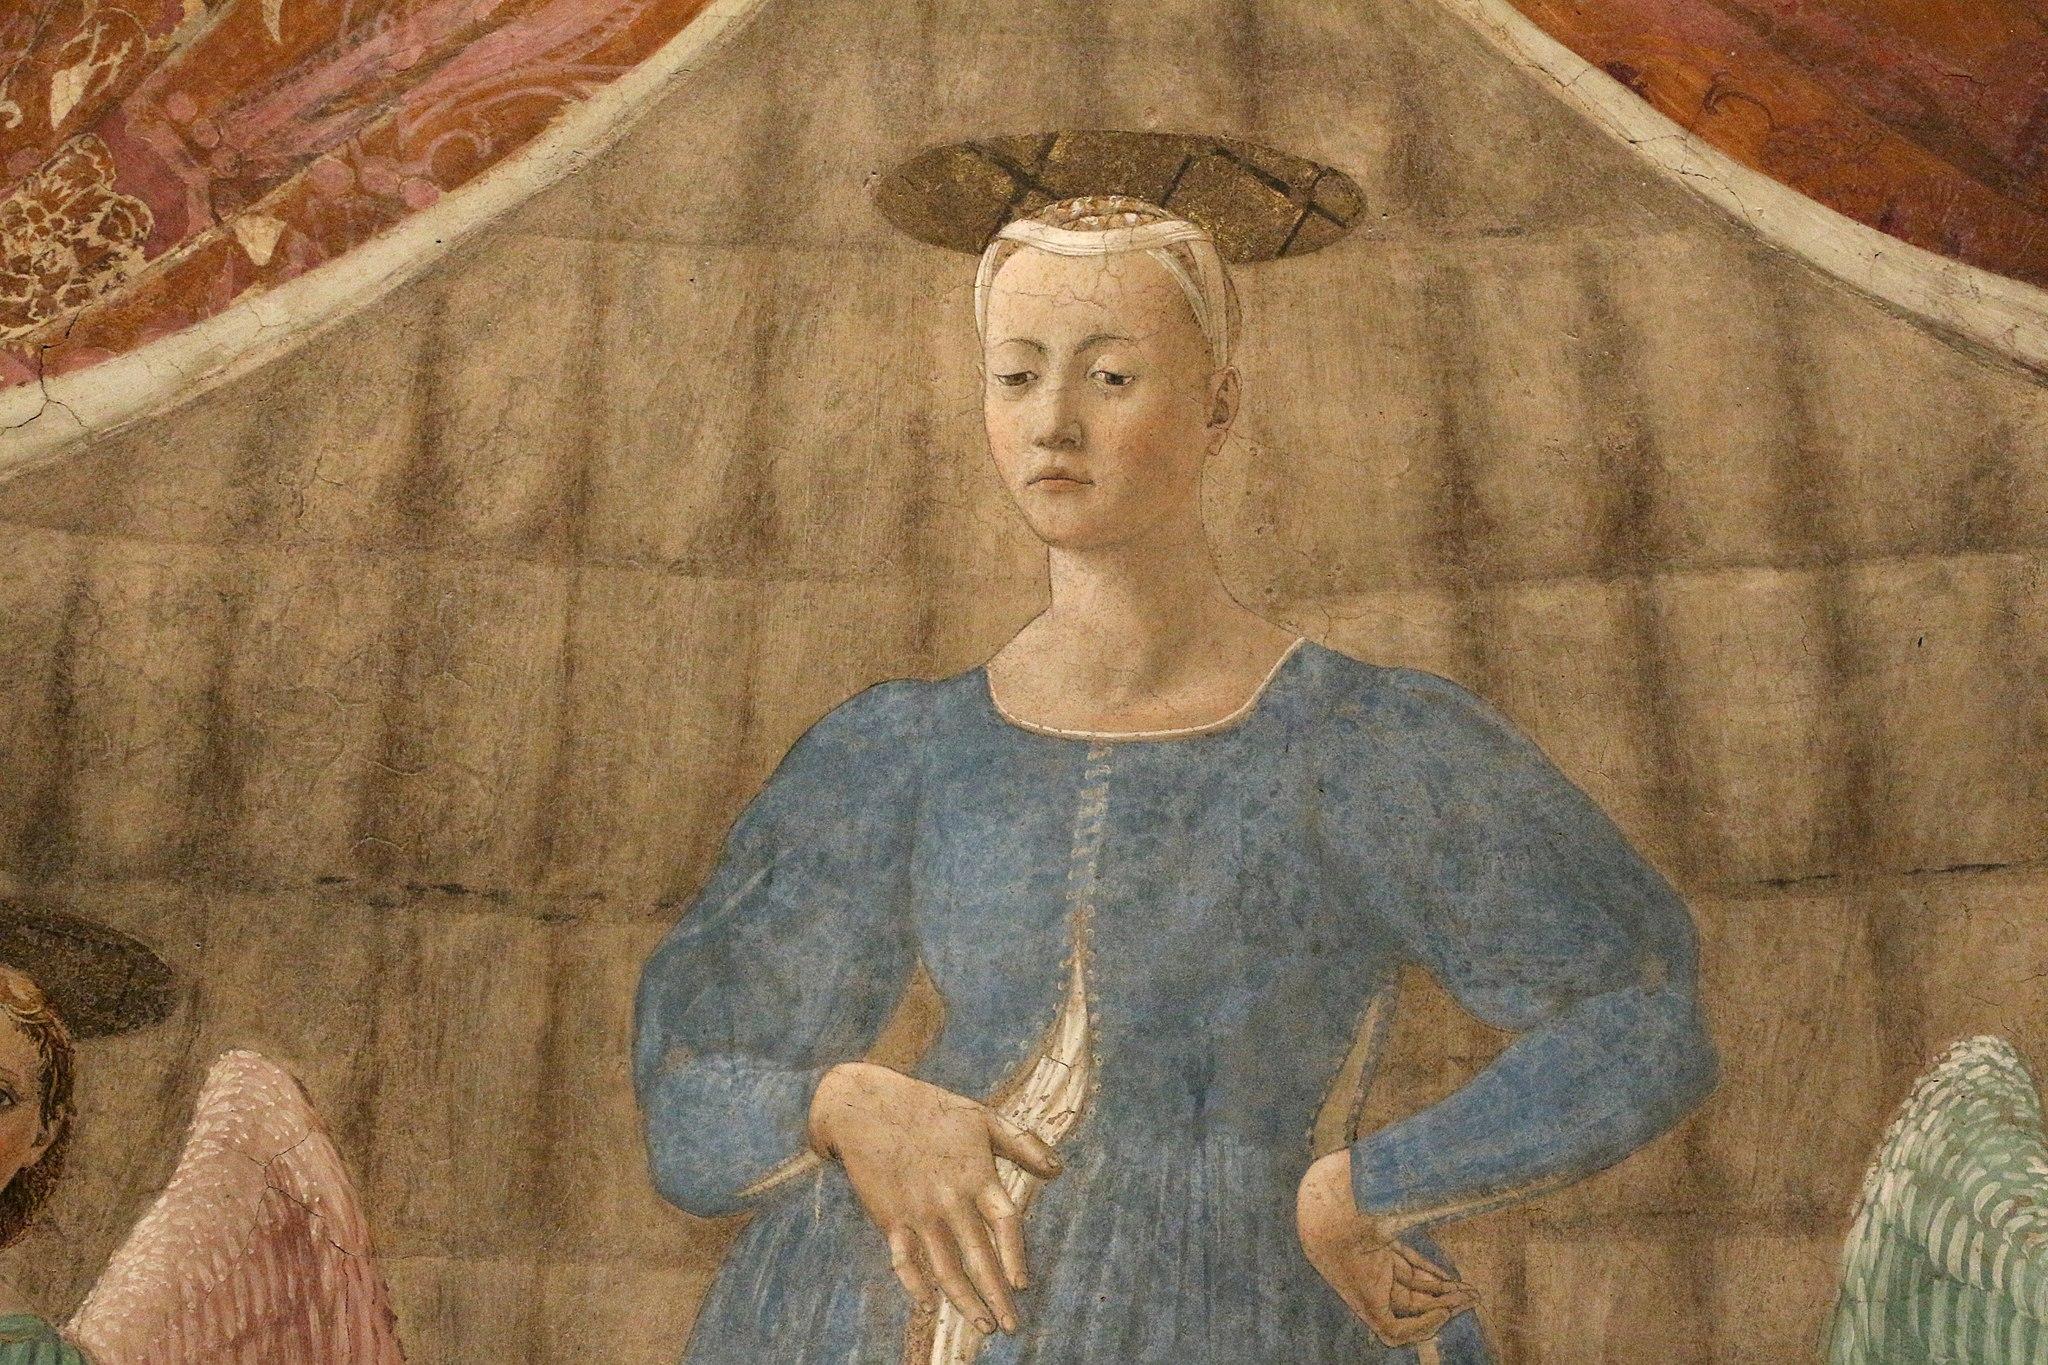 Piero della francesca, Madonna del Parto, 1455 ca. 09